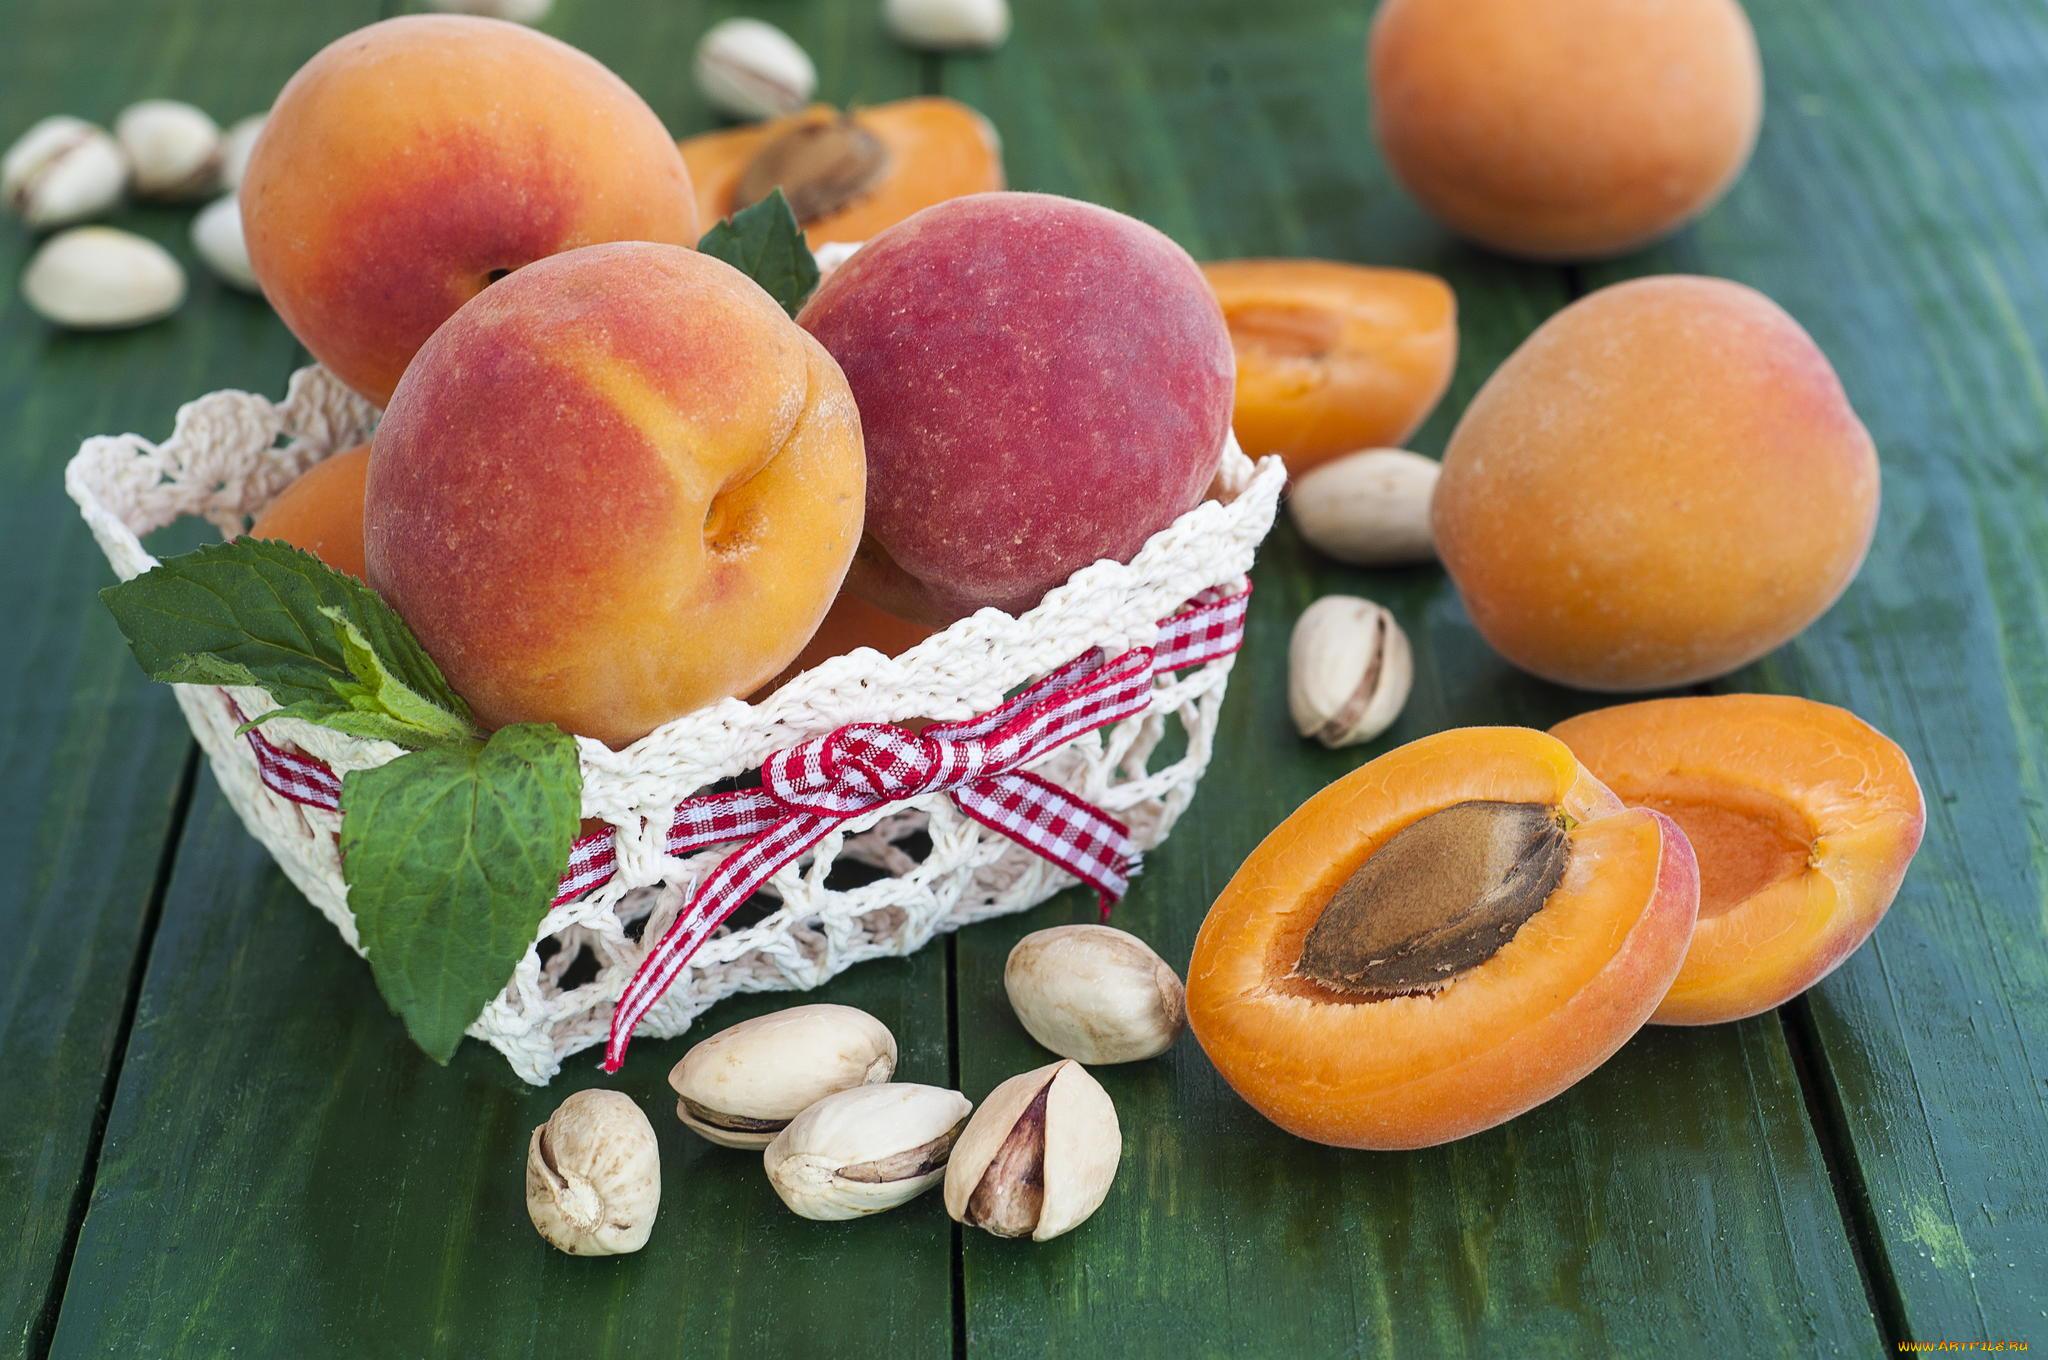 красивые картинки с персиками это